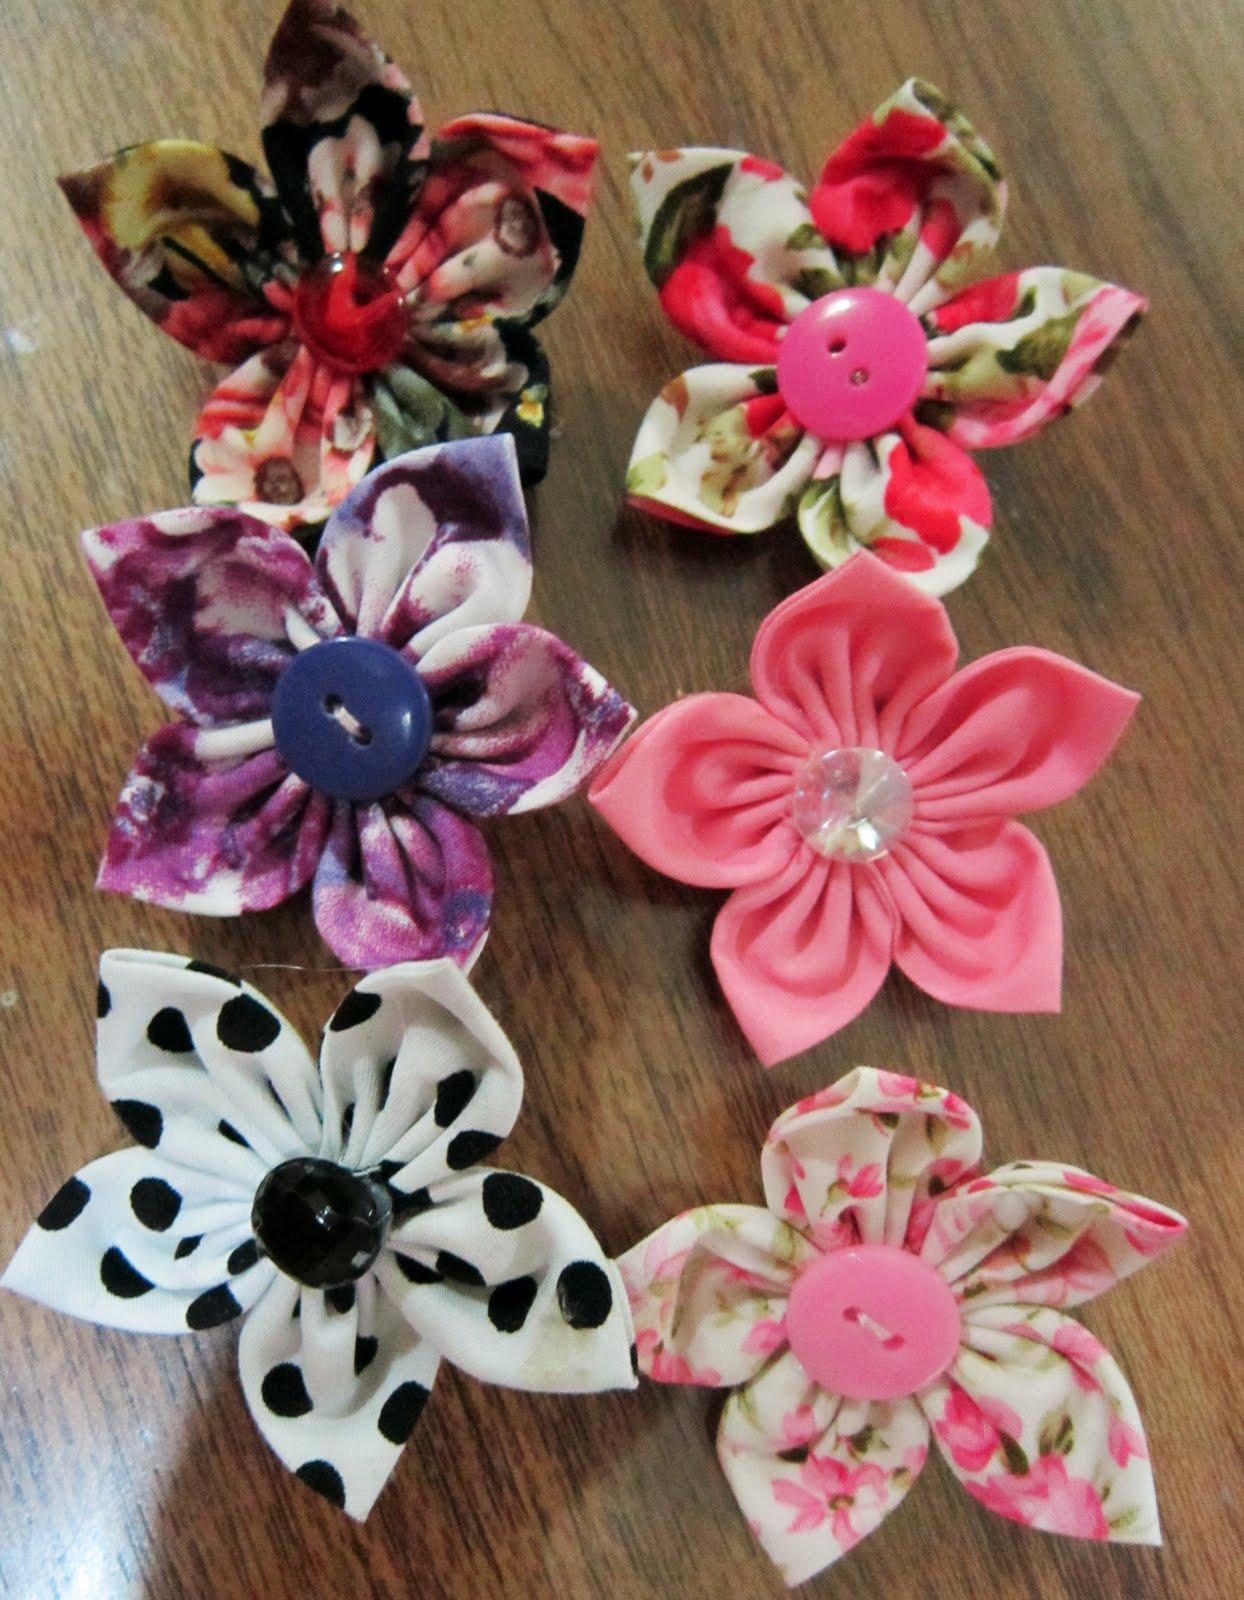 Bunga dari kain yang berlain warna & corak